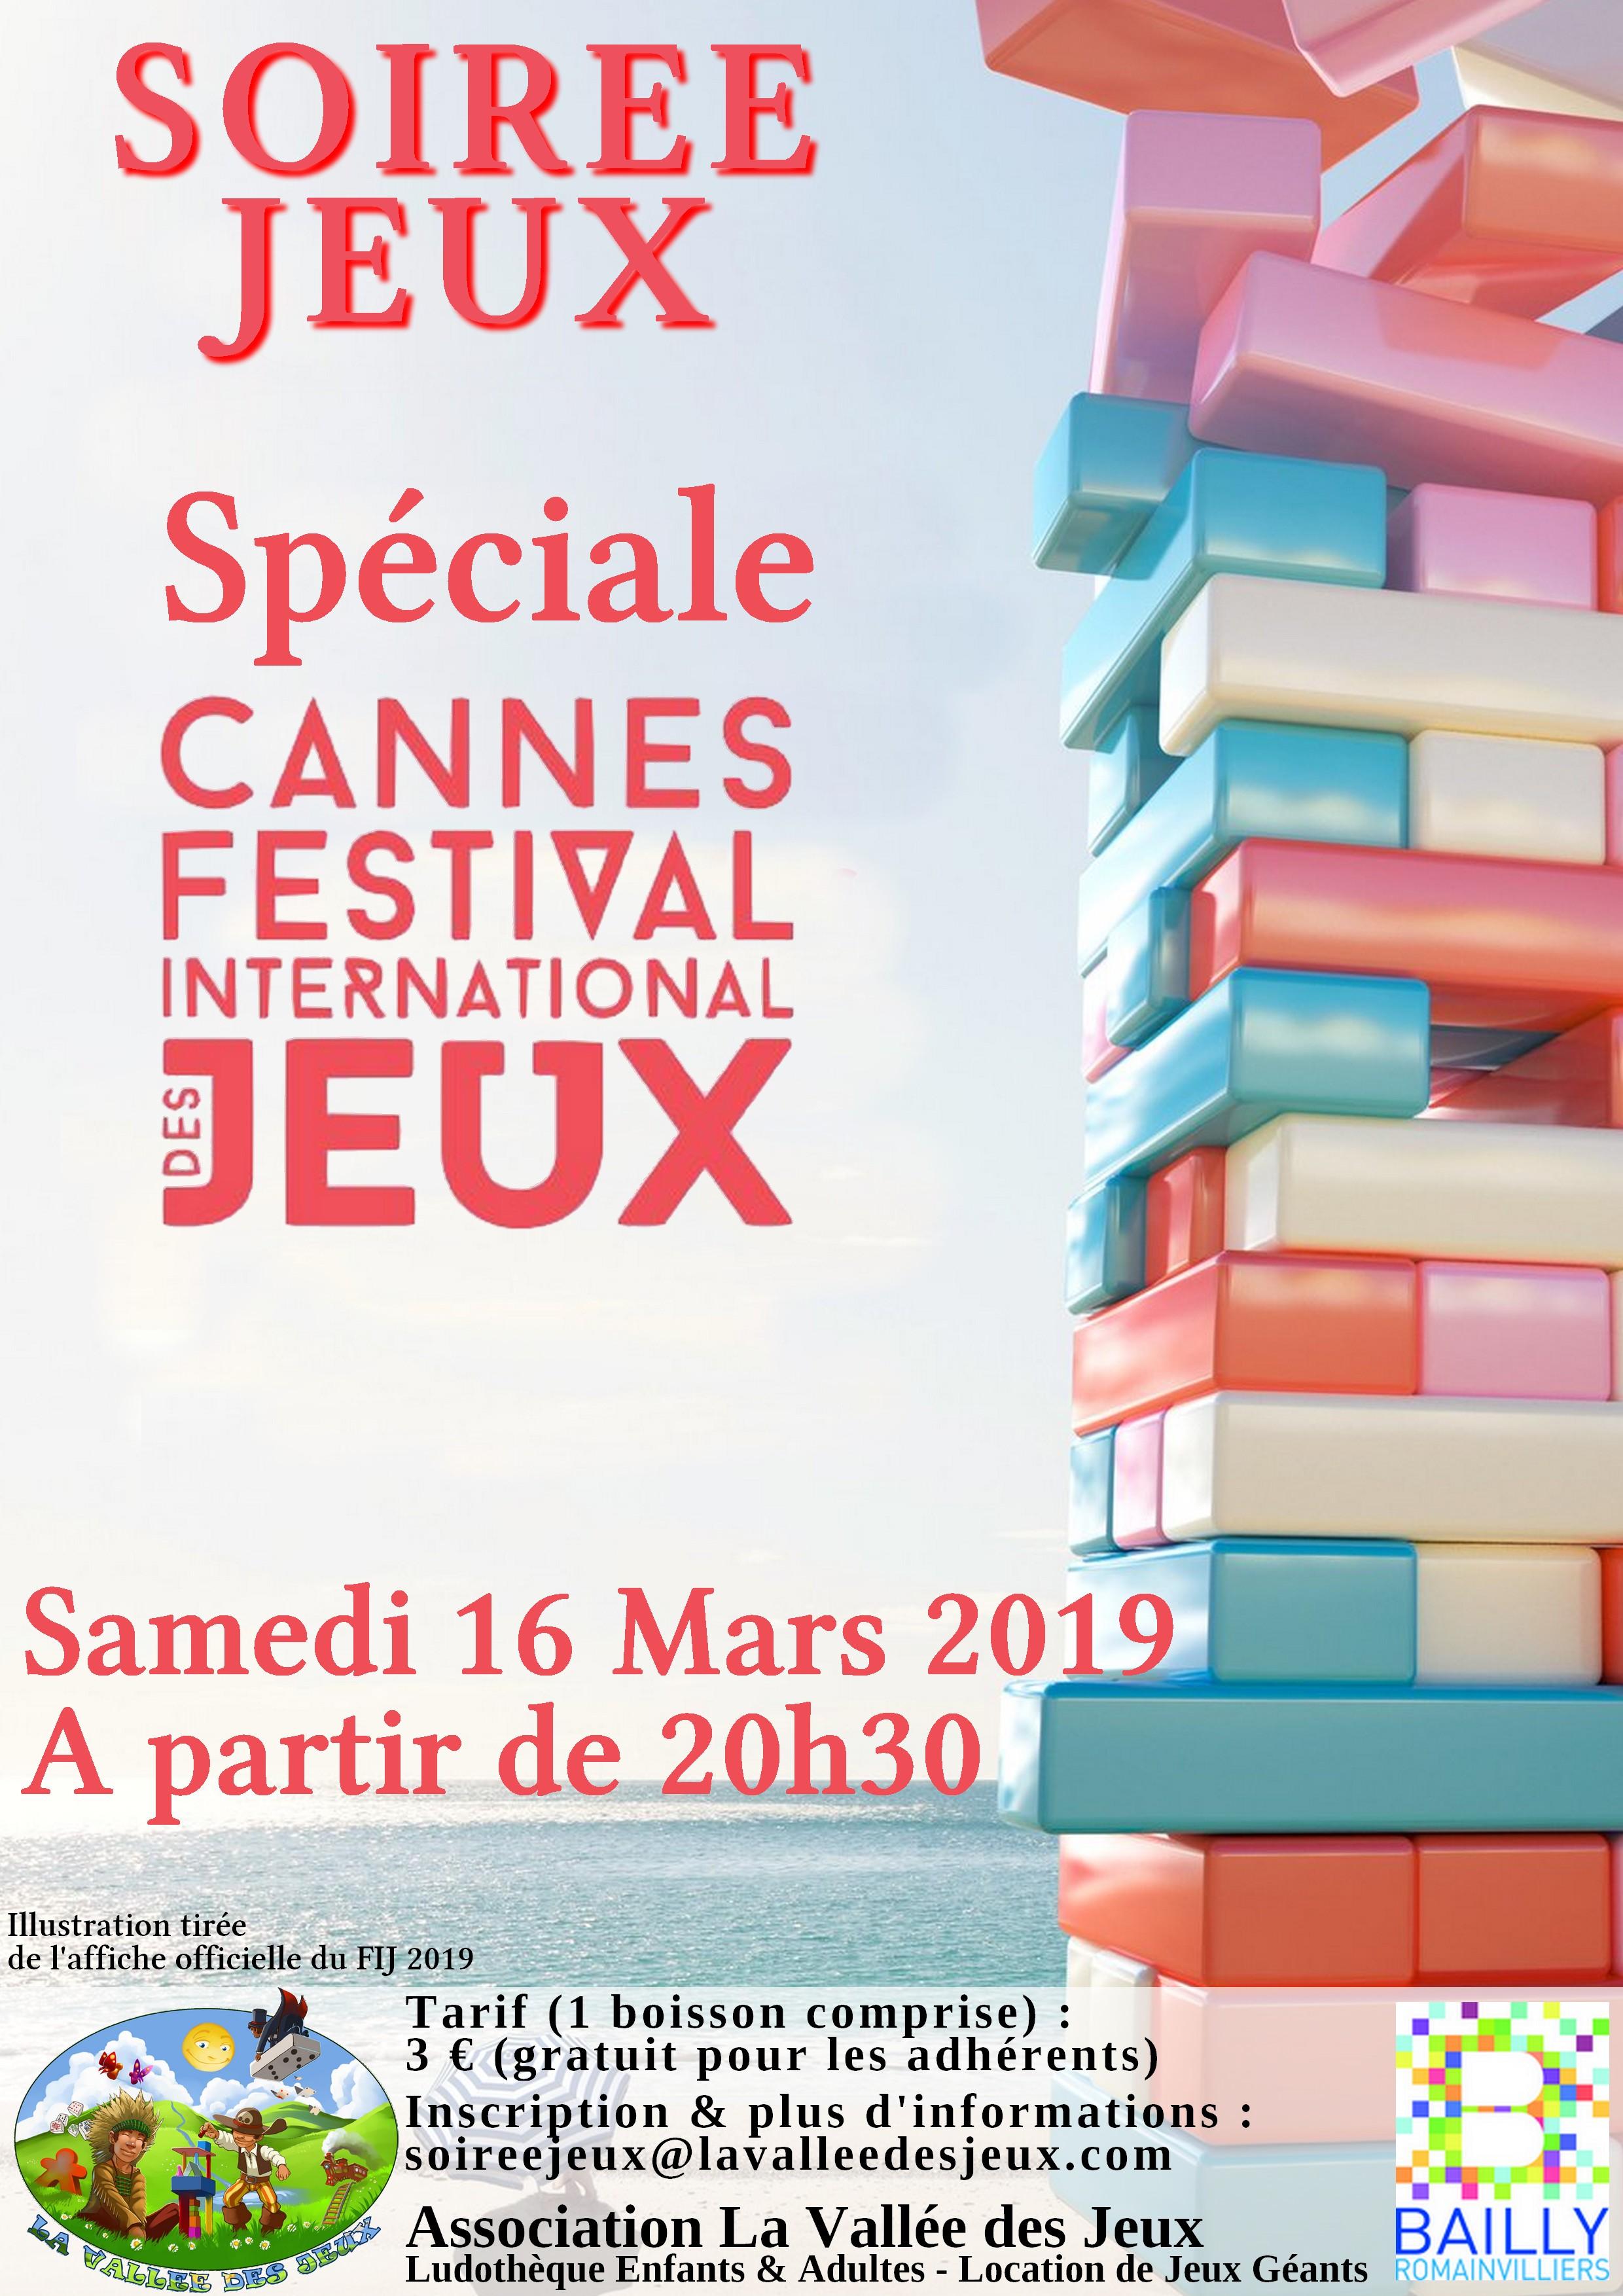 Soirée Jeux : Cannes 2019 @ Ludothèque La vallée des jeux